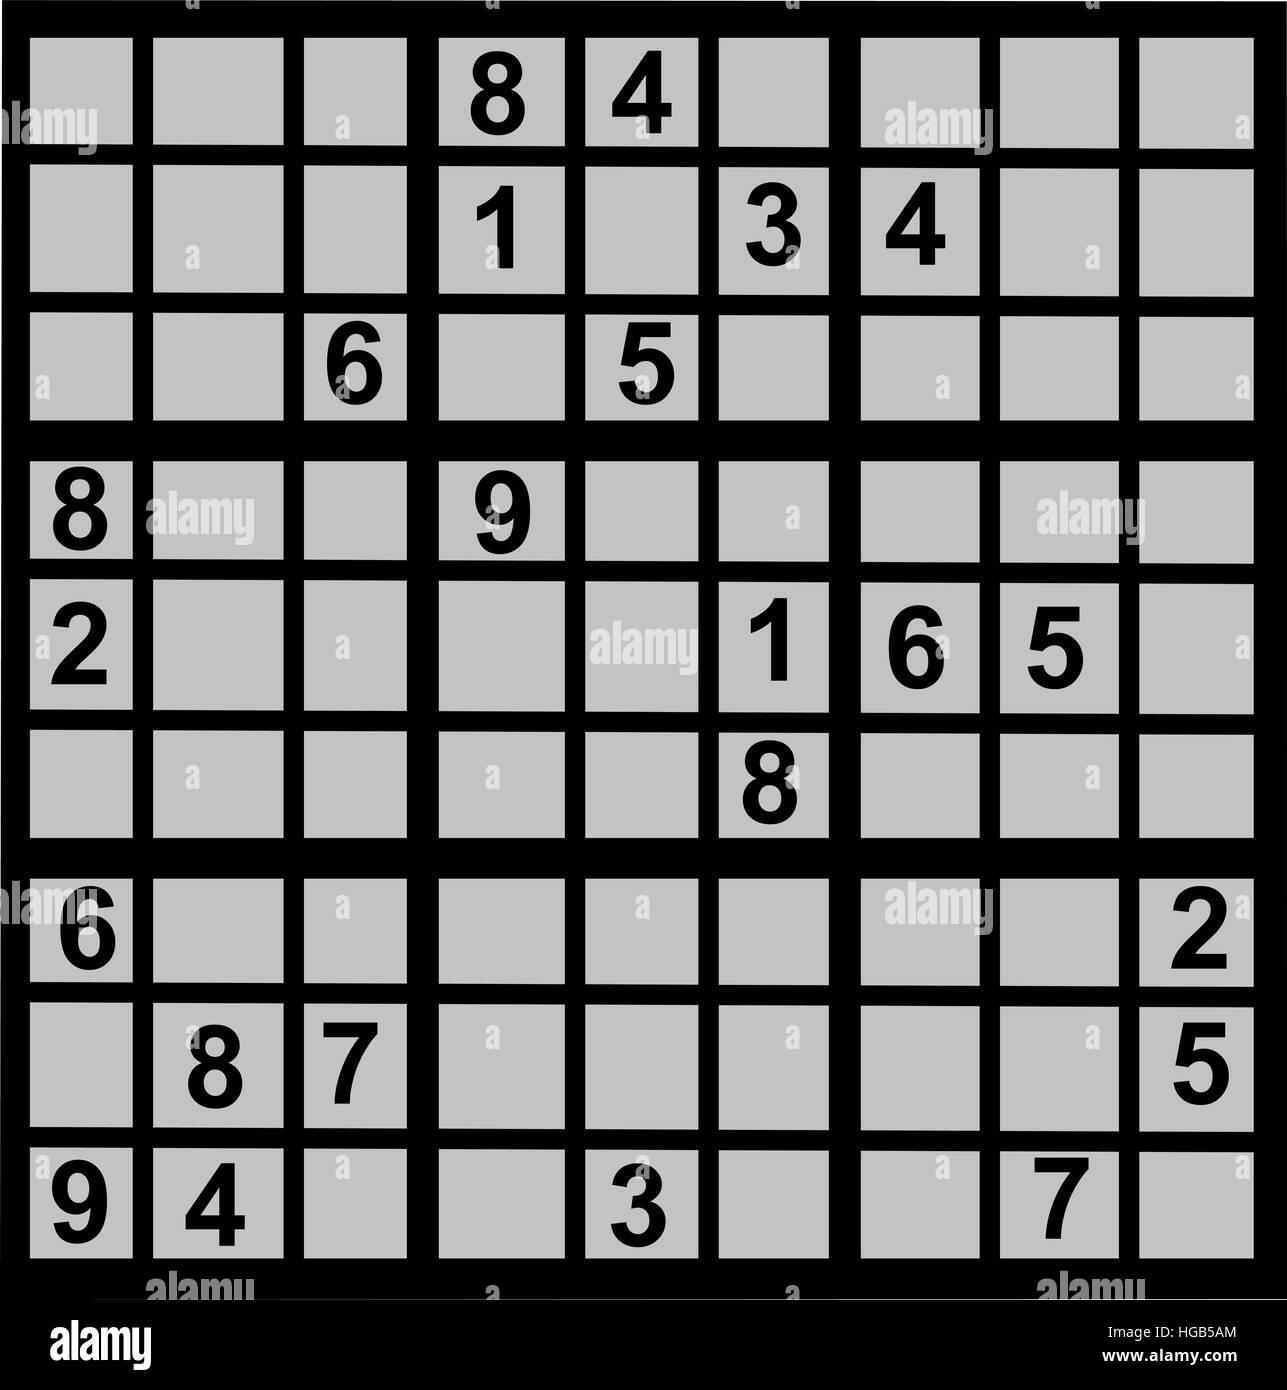 Sudoku Game Stock Photos Amp Sudoku Game Stock Images